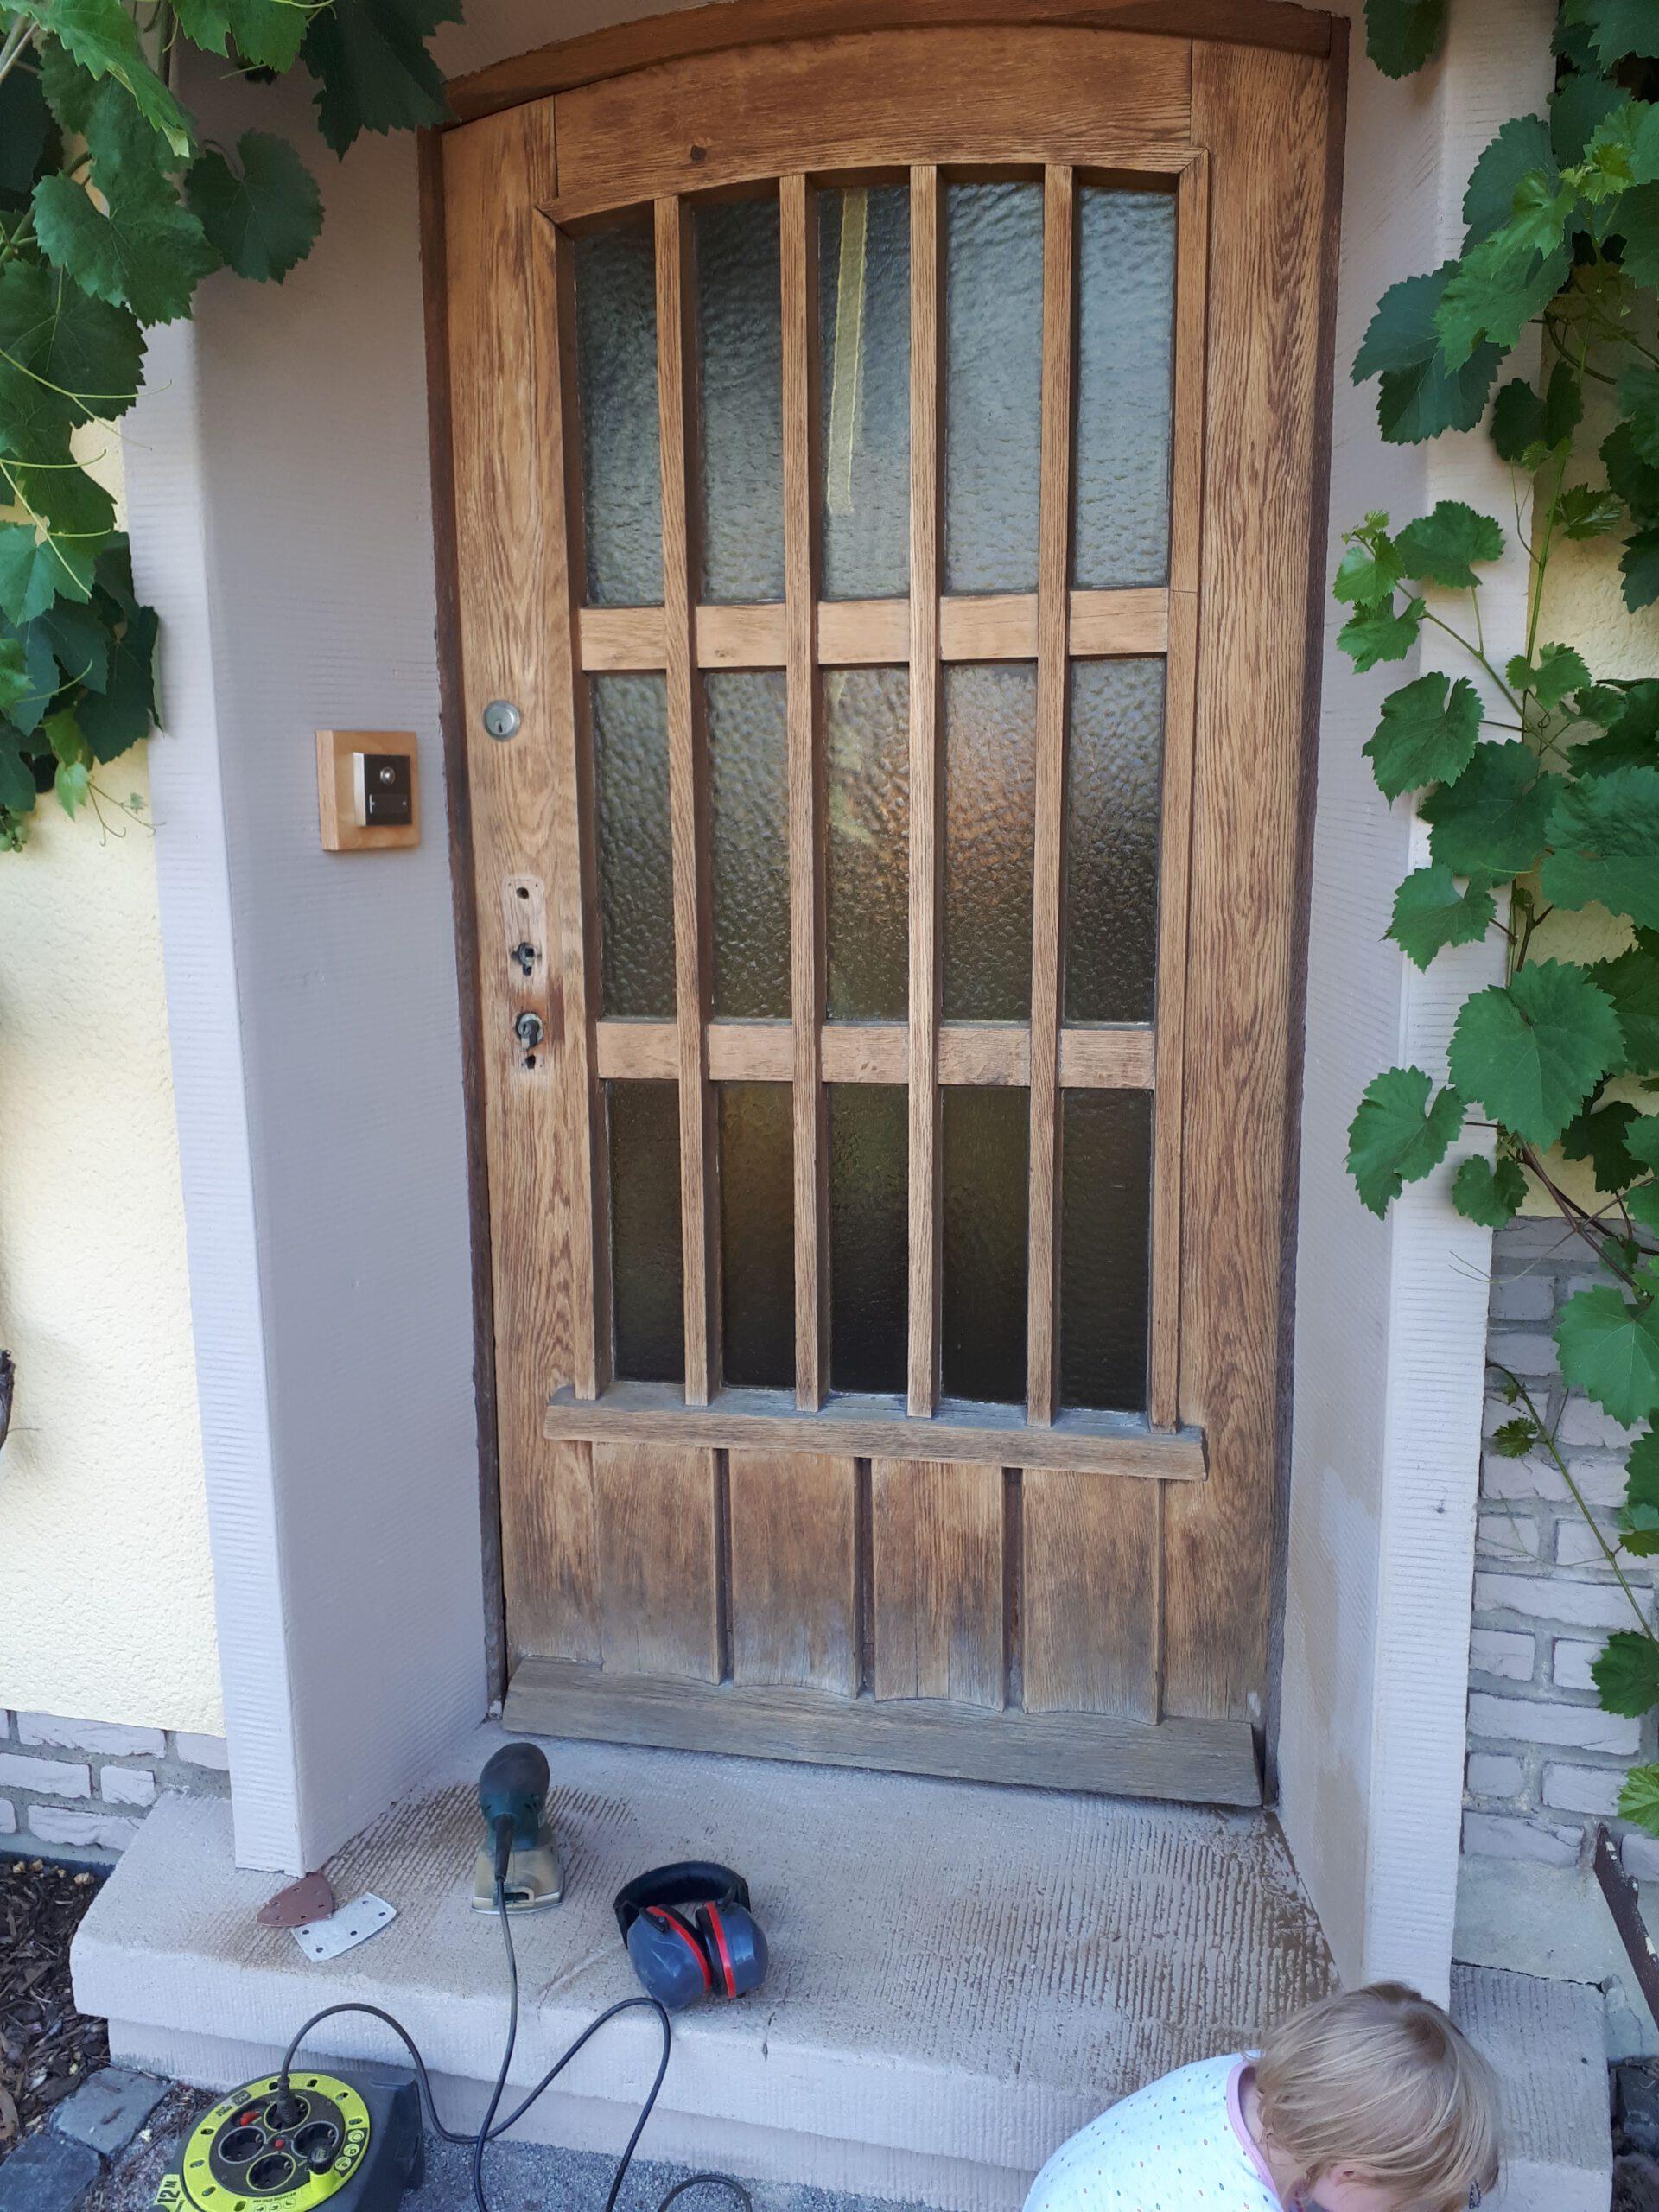 Die alte Haustür während der vielen Schleifvorgänge zur Sanierung